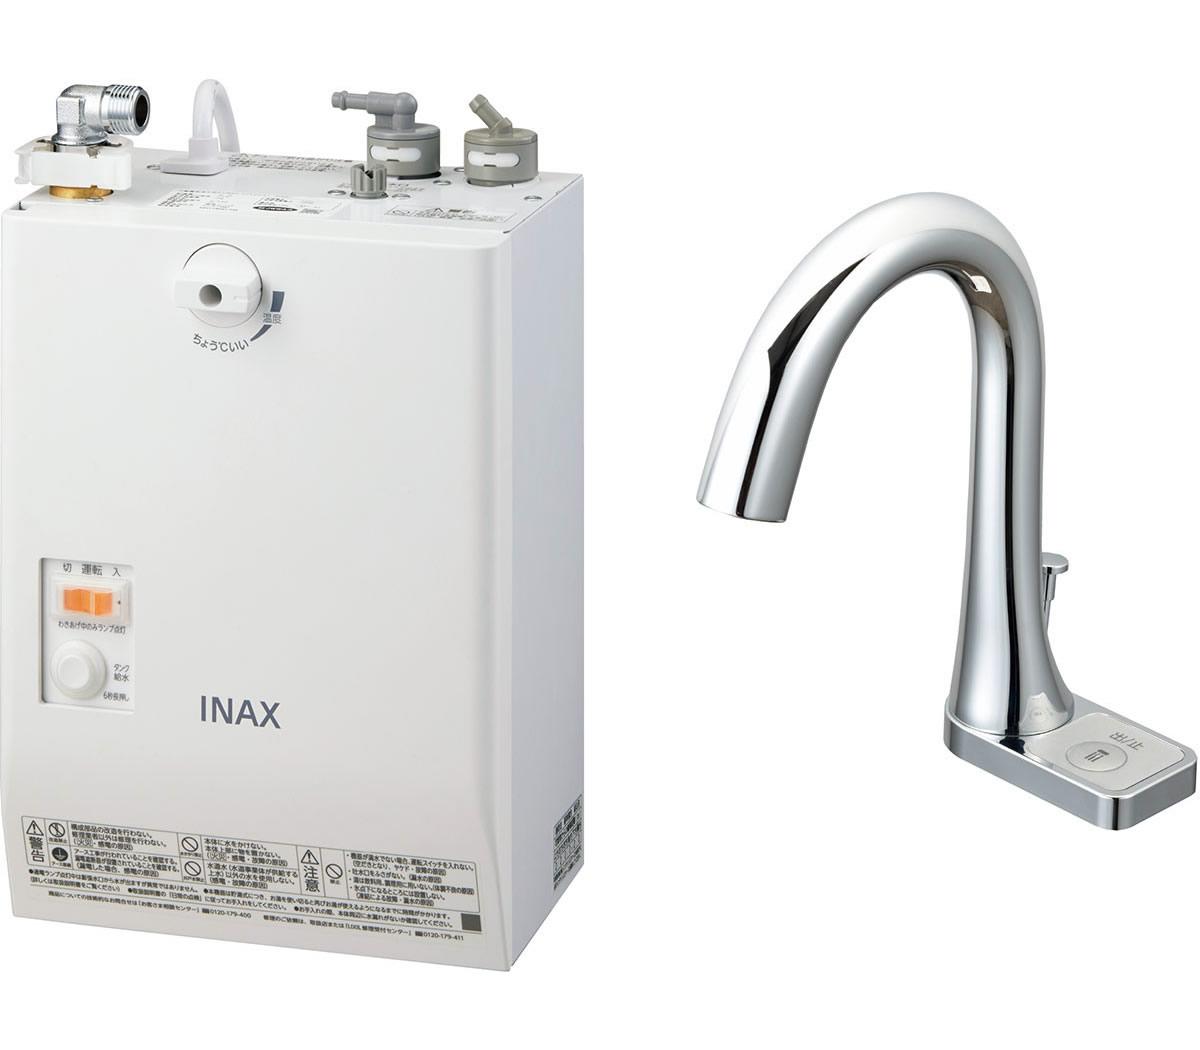 INAX・LIXIL 電気温水器【EHMN-CA3SB2-211C】 3L ゆプラス 自動水栓一体型壁掛 適温出湯タイプ 自動水栓:グースネックタイプ 手動スイッチ付 [イナックス・リクシル]